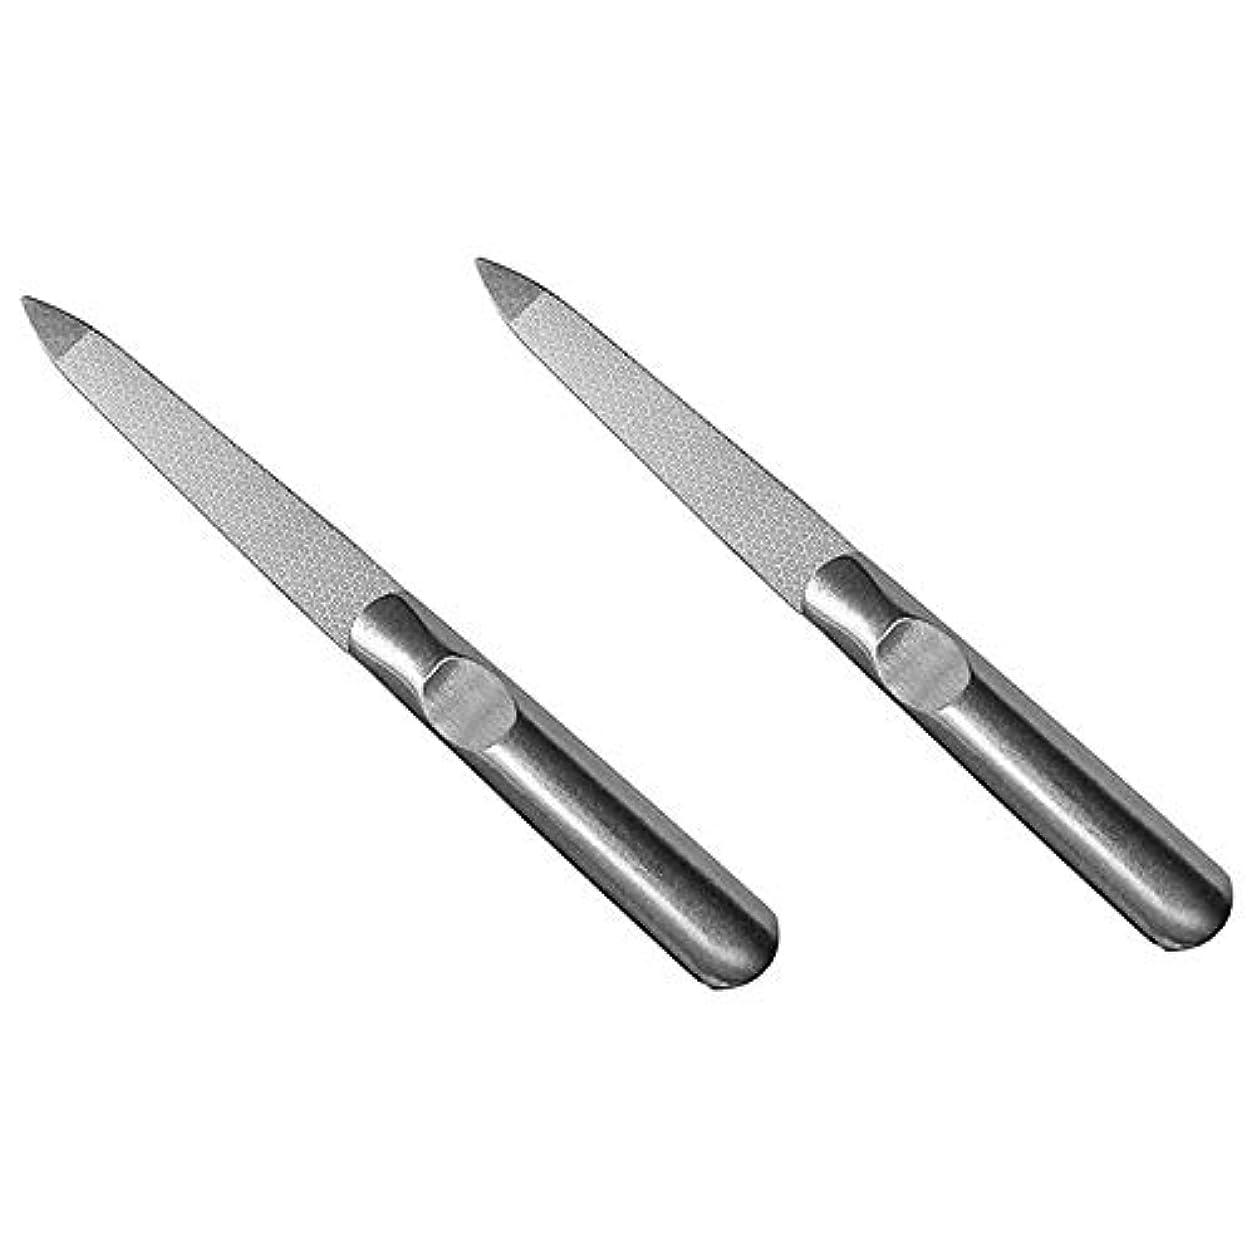 監査台風アーサーSemoic 2個 ステンレススチール ネイルファイル 両面マット アーマー美容ツール Yangjiang爪 腐食の防止鎧